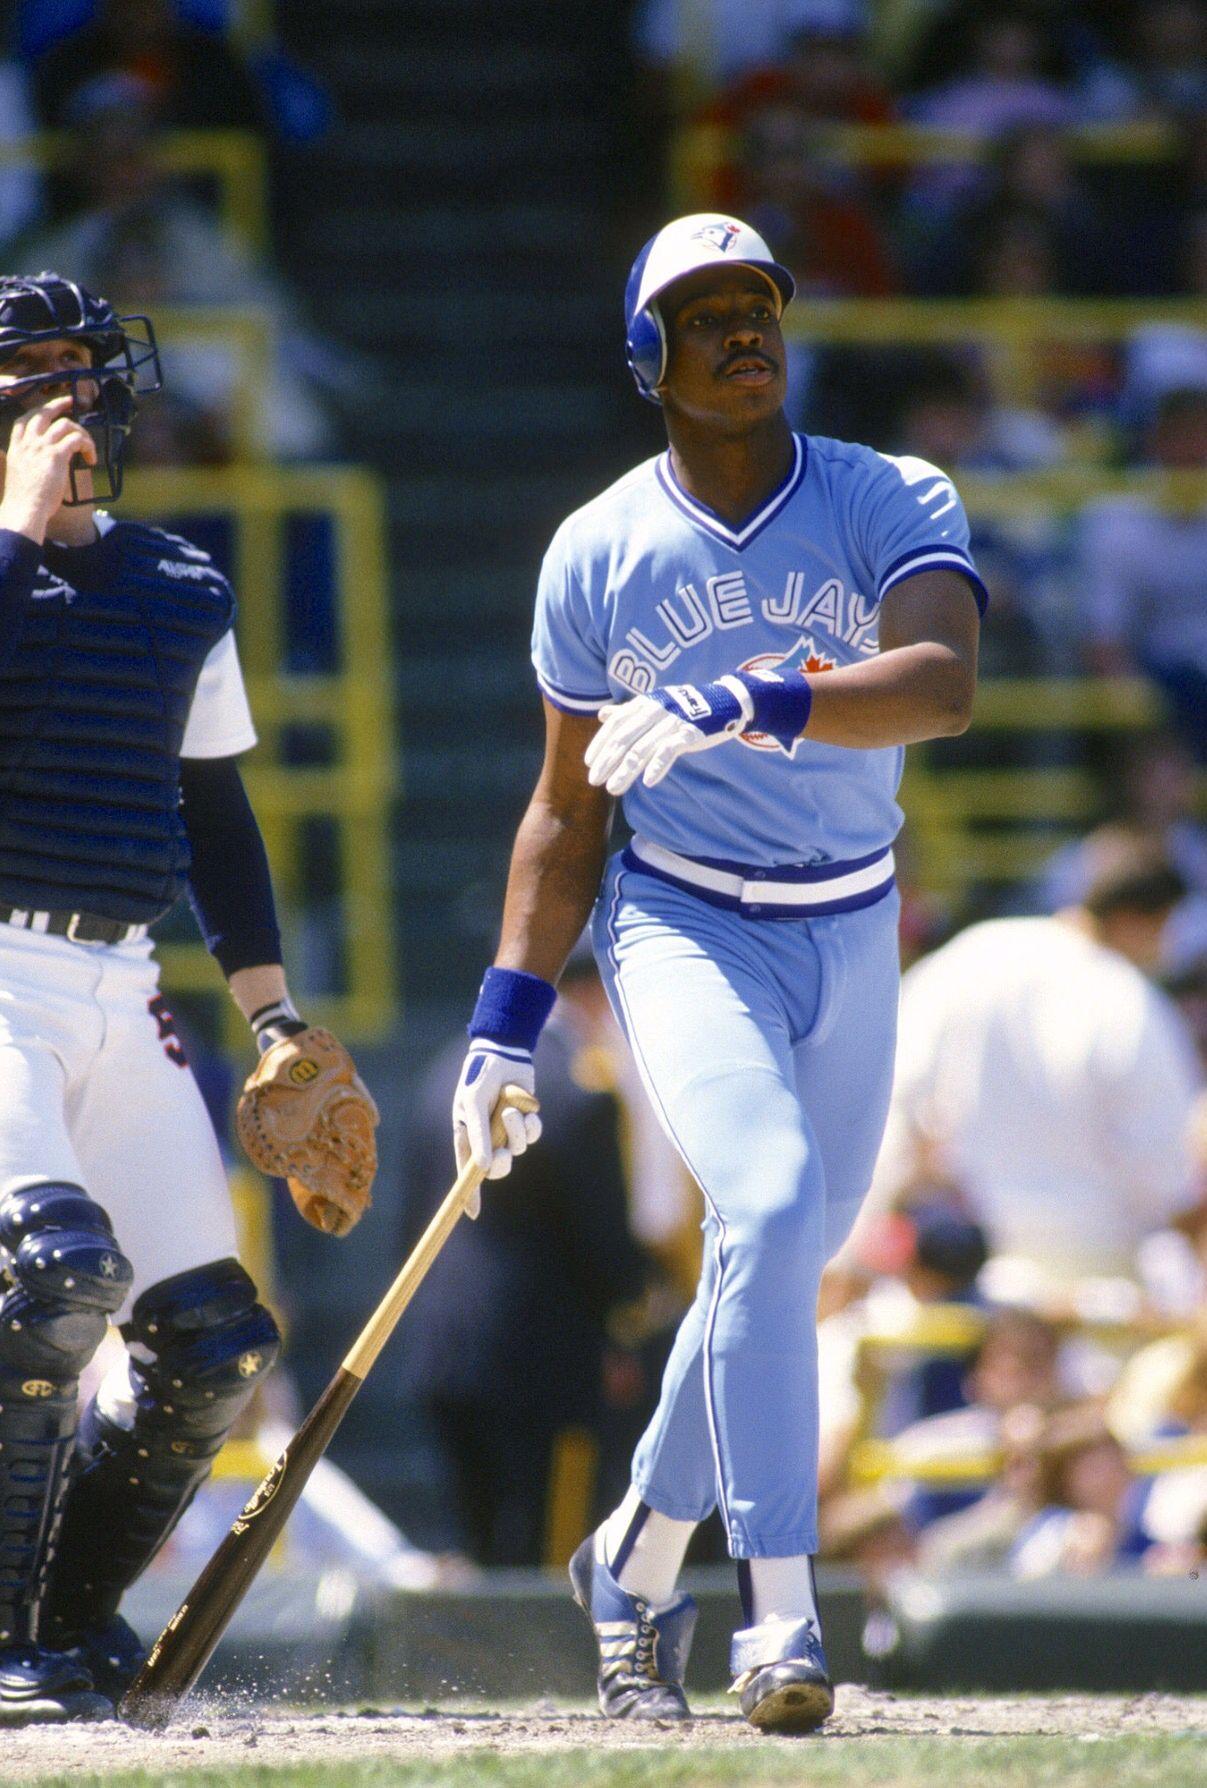 Fred McGriff | Toronto blue jays, Blue jays baseball, Blue jays